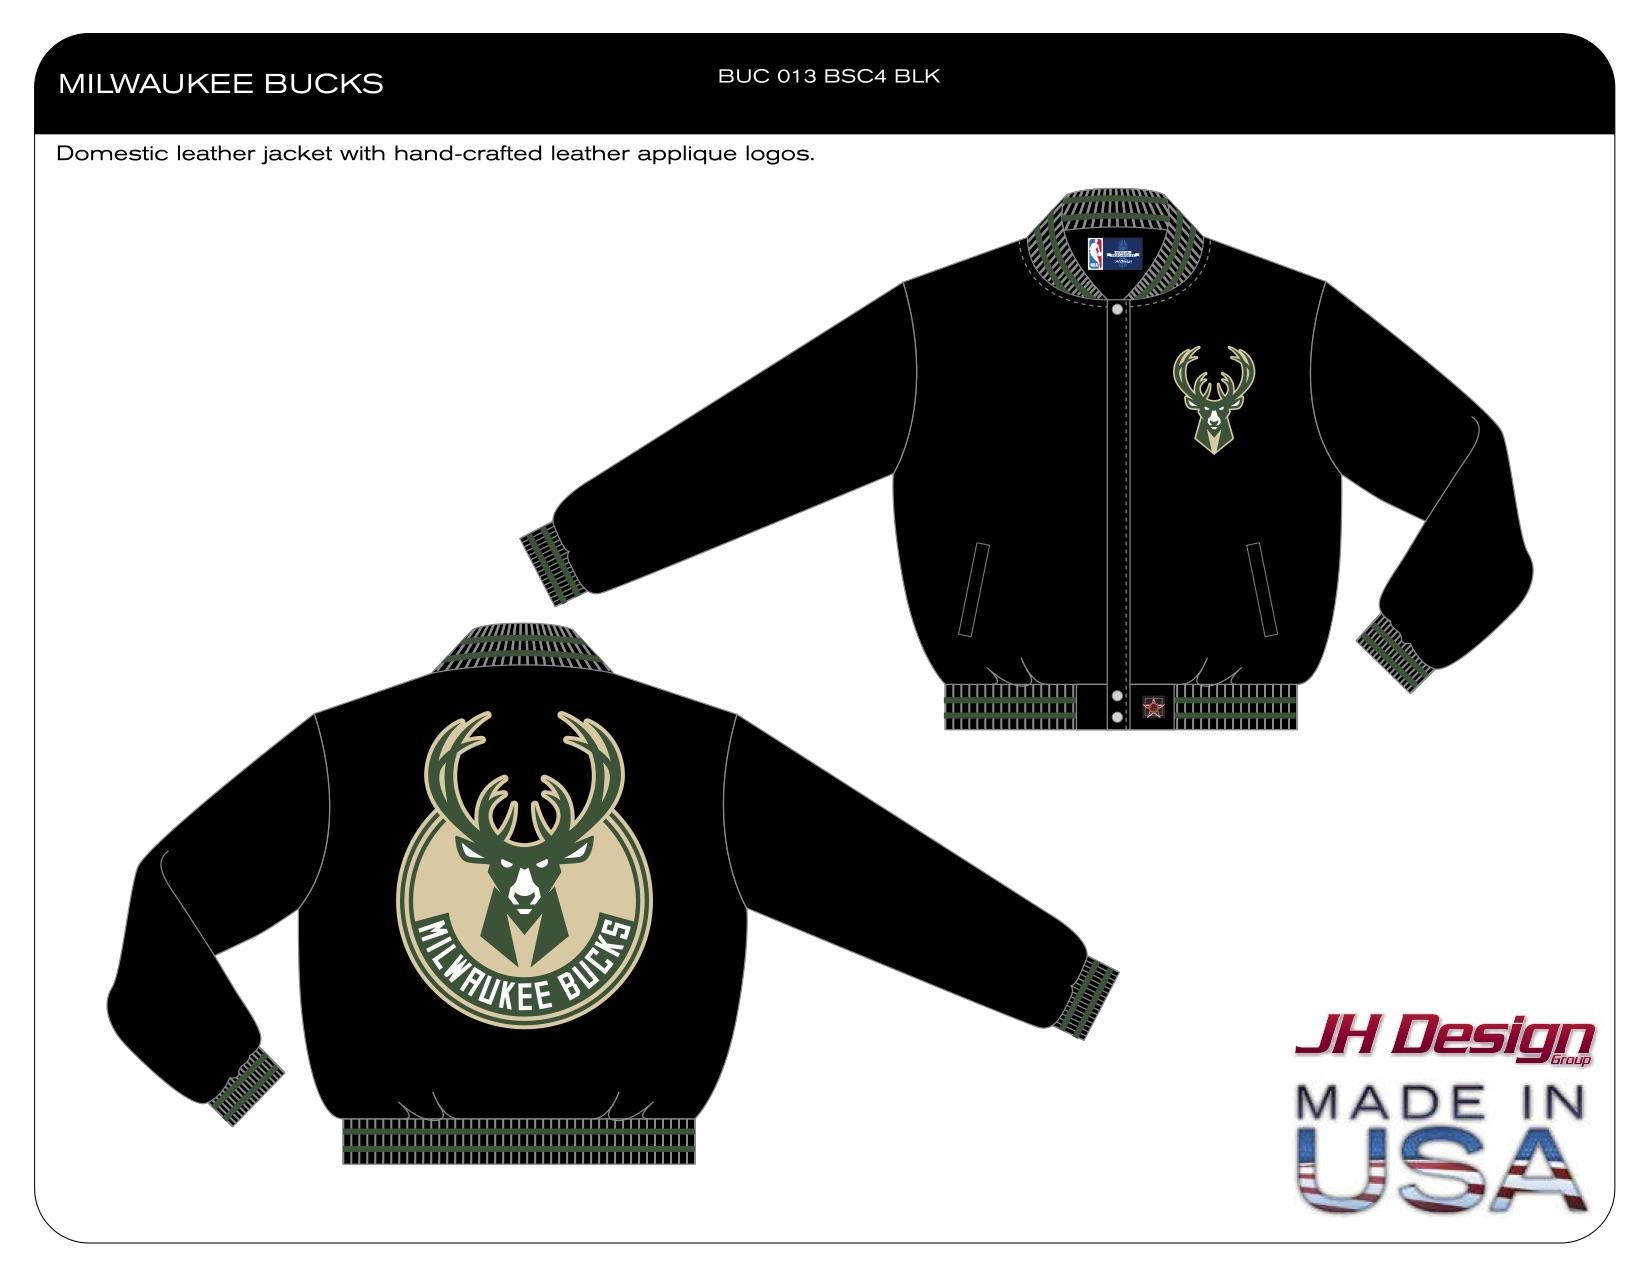 BUC 013 BSC4 BLK